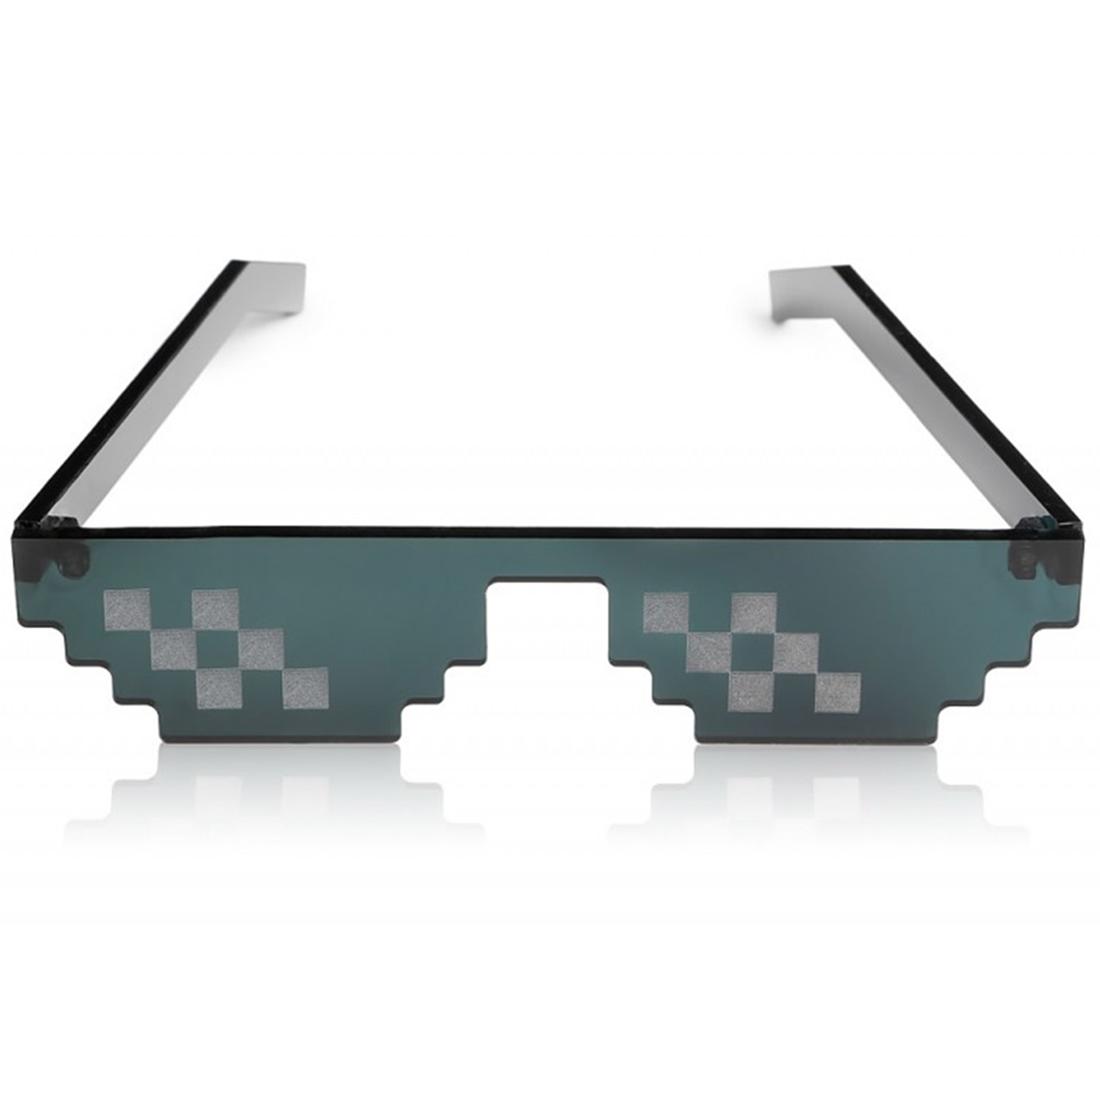 как на фото наложить пиксельные очки снятия